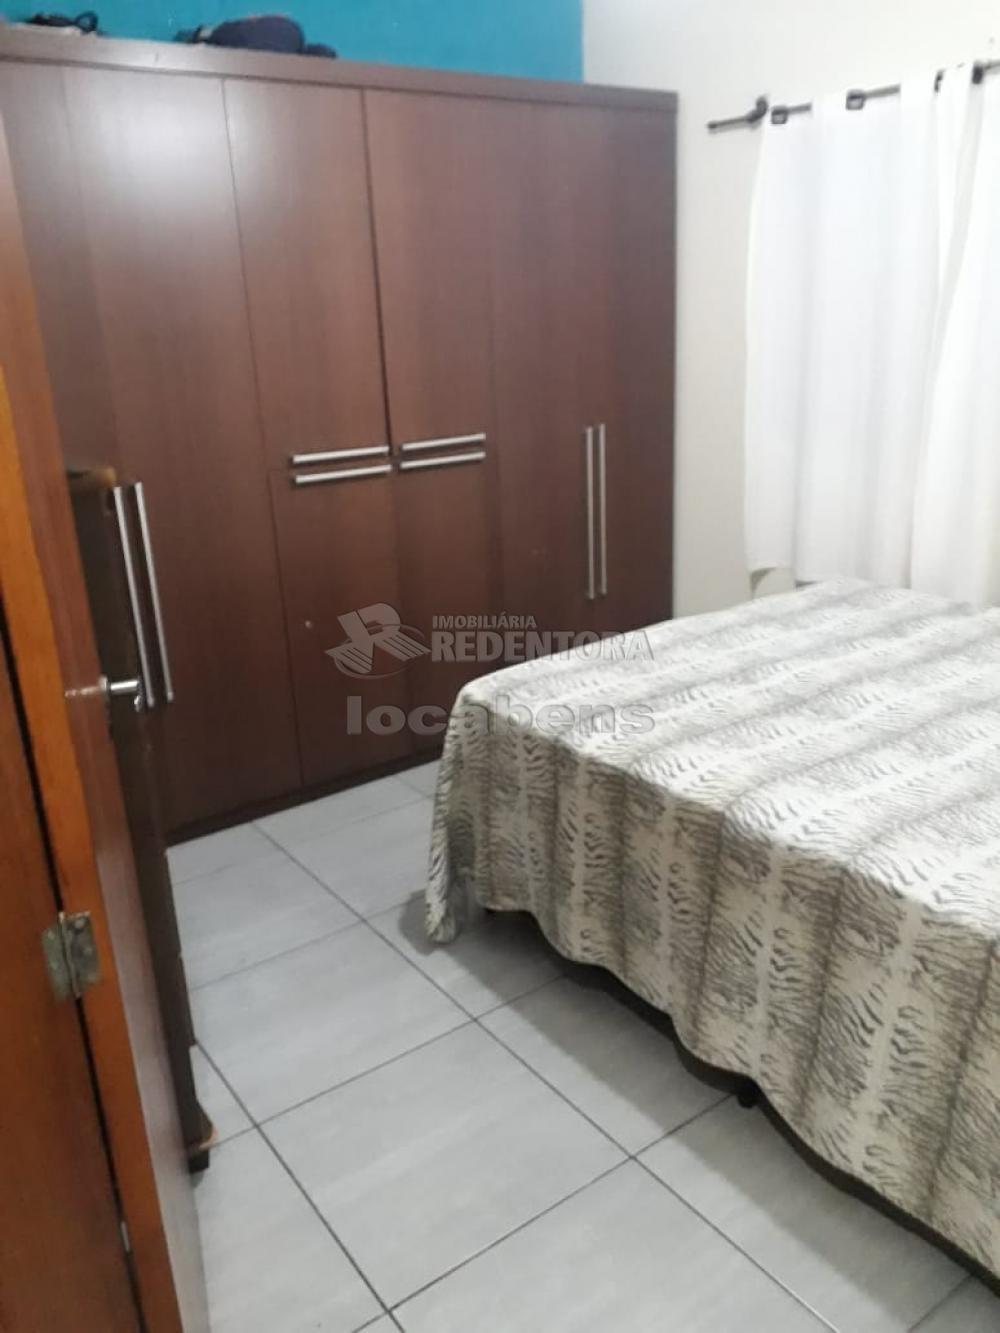 Comprar Casa / Padrão em São José do Rio Preto R$ 330.000,00 - Foto 3